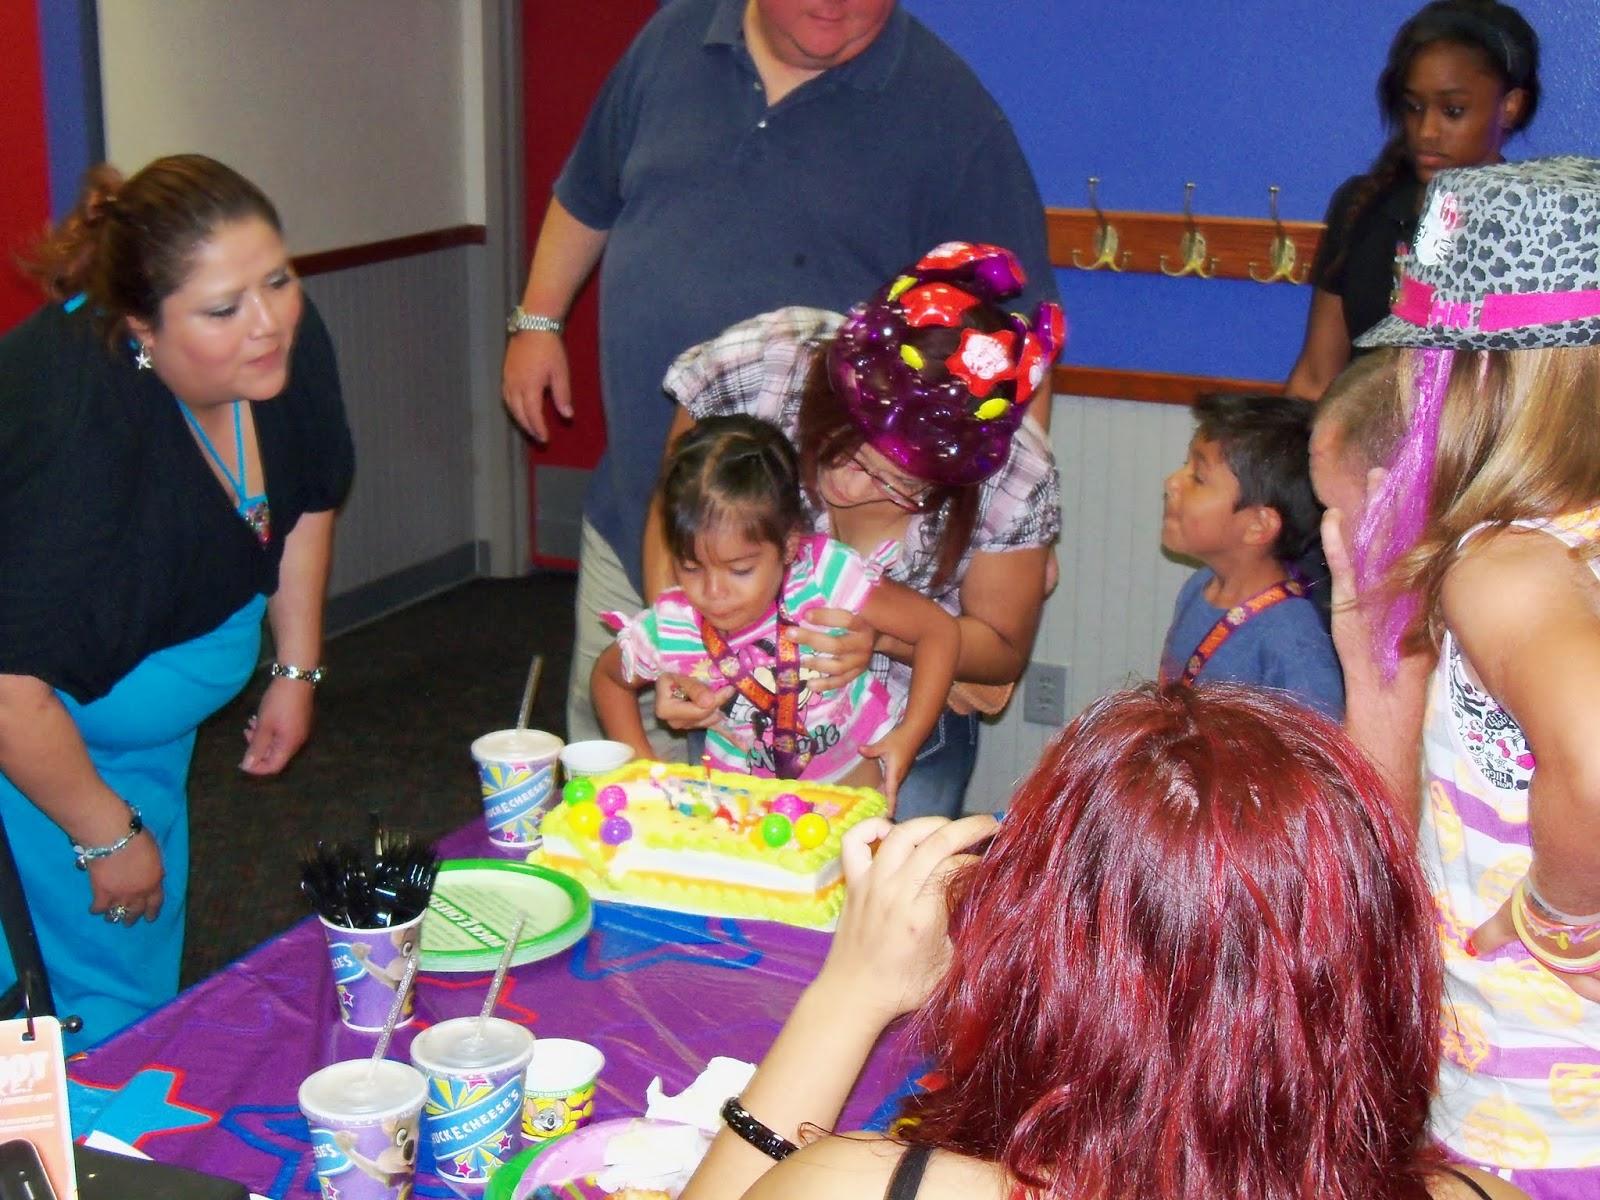 Jaidens Birthday Party - 115_7324.JPG